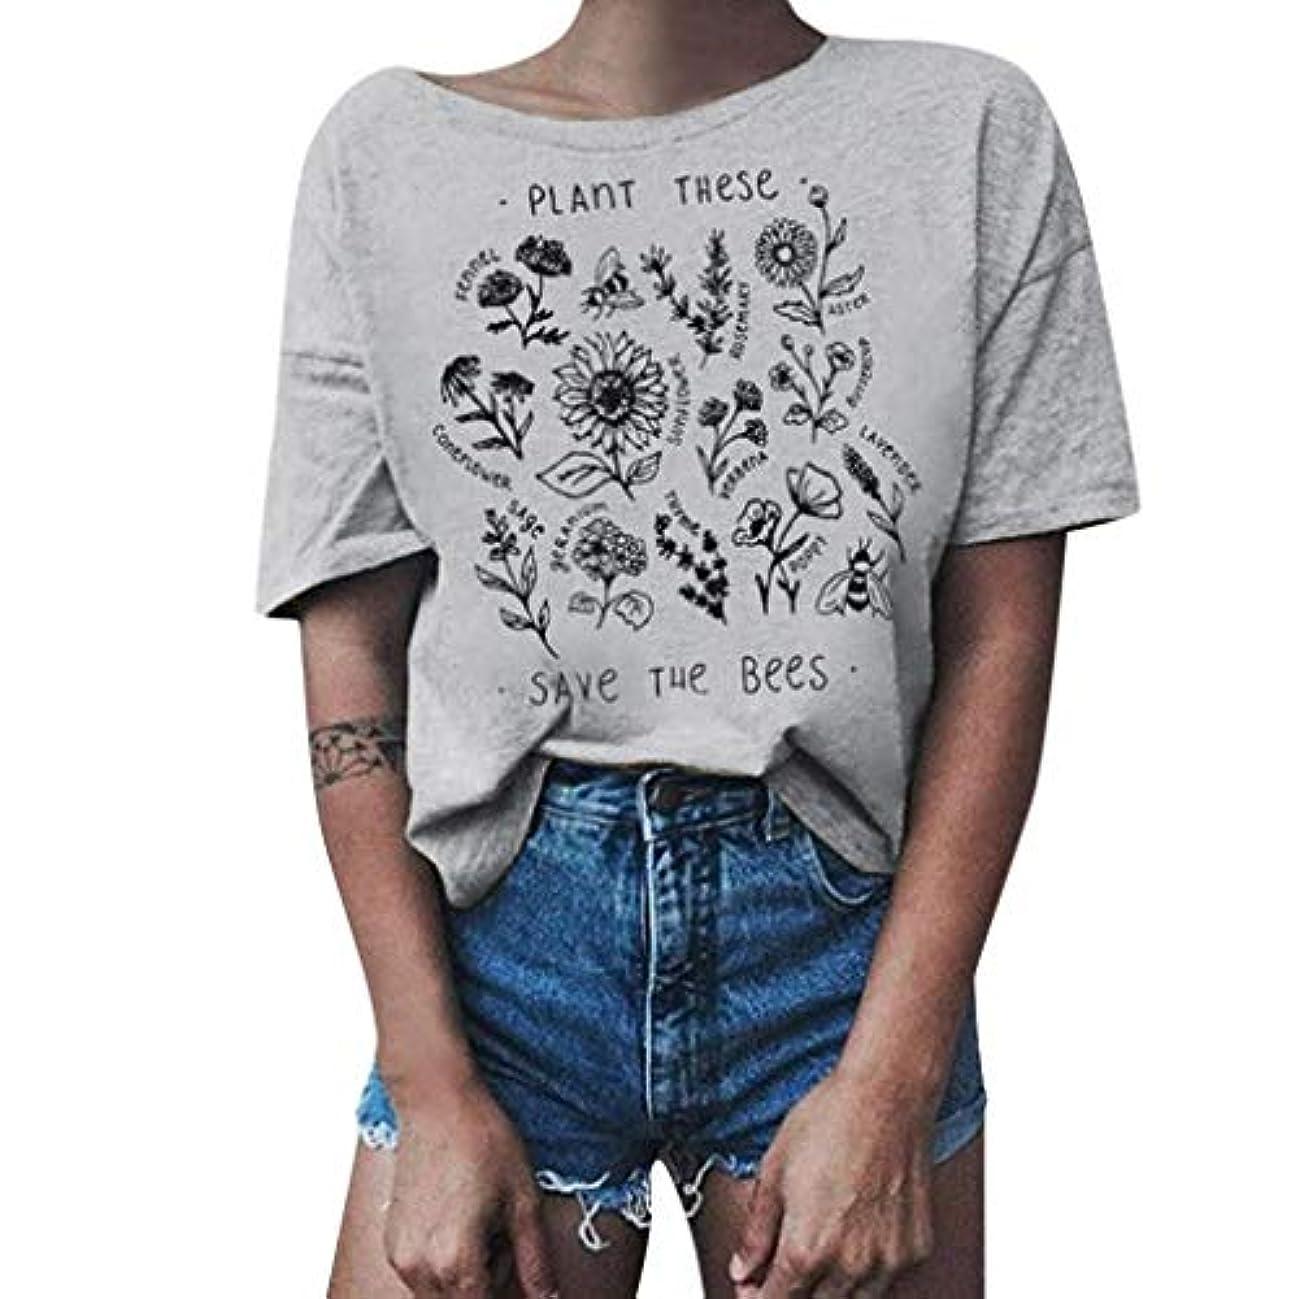 失業者考え降下Tシャツ レディース 半袖 おおきいサイズ ビンテージ 花柄 ラウンドネック ビジネス 学生 洋服 お出かけ ワイシャツ 流行り ブラウス 軽い 柔らかい かっこいい カジュアル シンプル オシャレ 春夏 対応 可愛い...